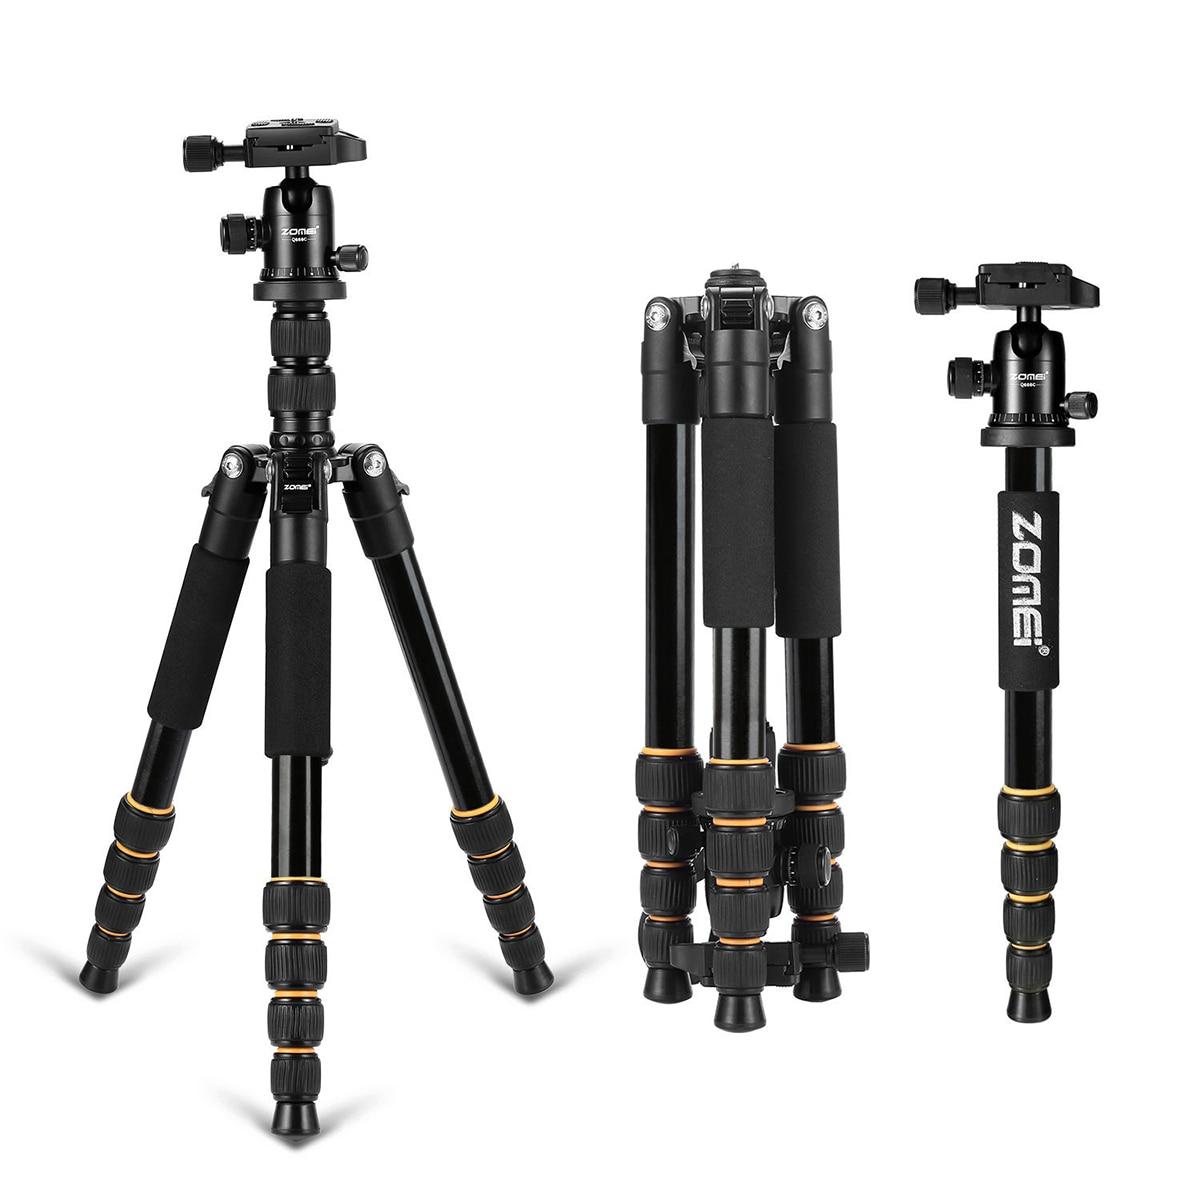 Appareil photo REFLEX professionnel voyage trépied de caméra monopode ZOMEI Q666 léger portable en aluminium rotule compact appareil photo numérique